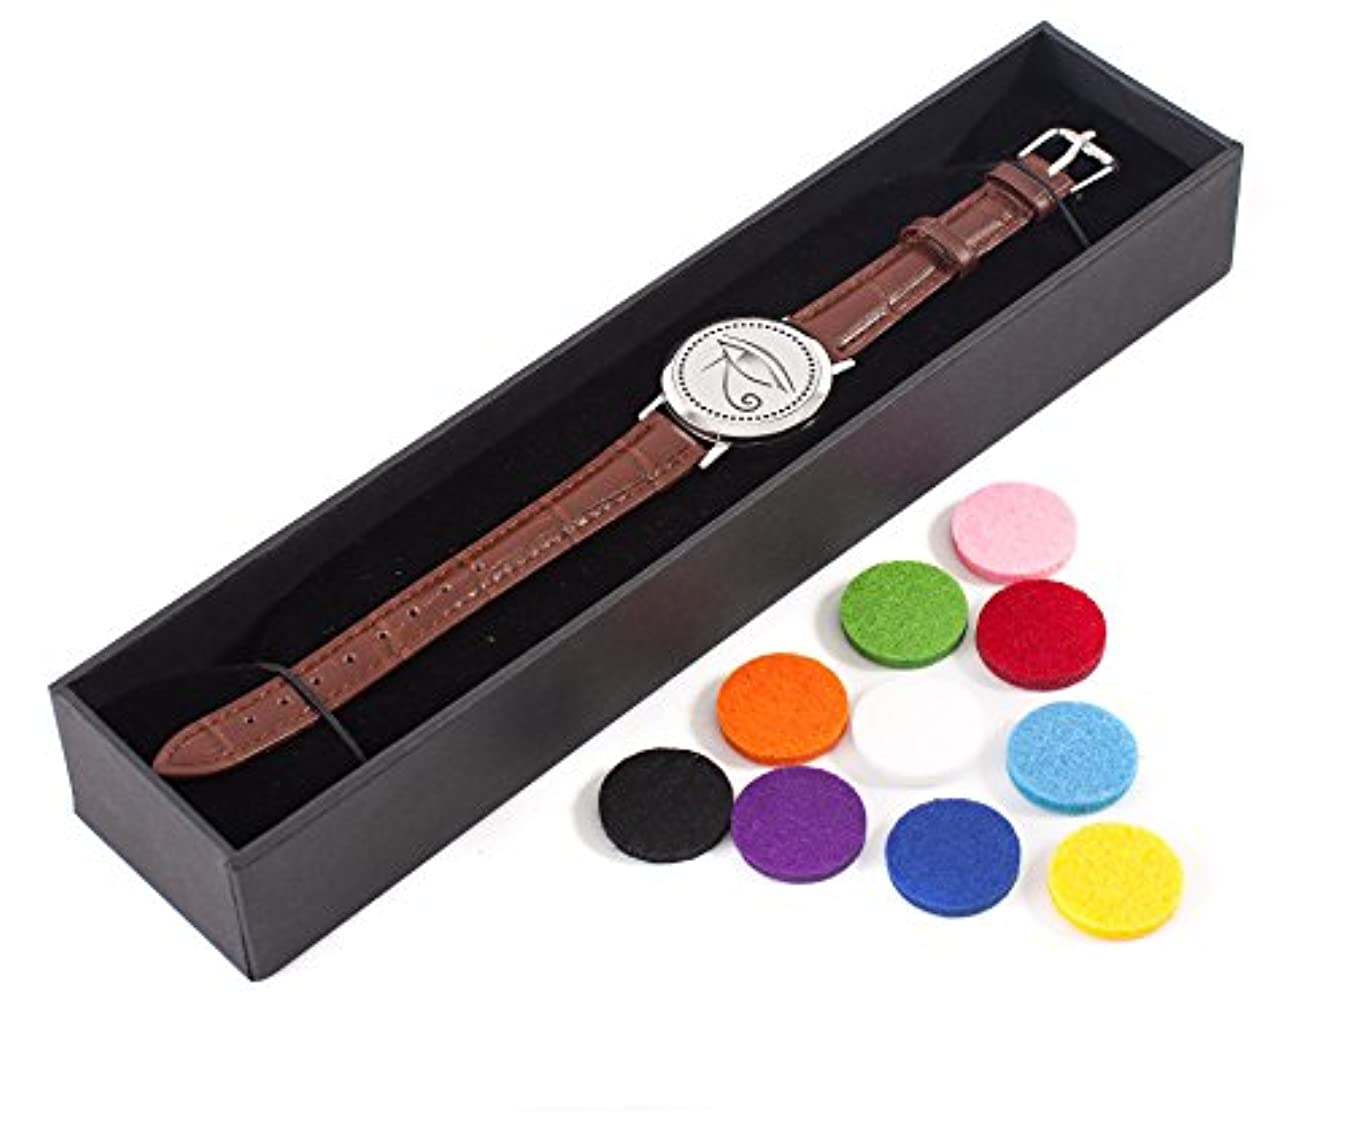 ボウリング影響を受けやすいです振るMystic Moments | Eye of Horus | Aromatherapy Oil Diffuser Bracelet with Adjustable Brown Leather Strap